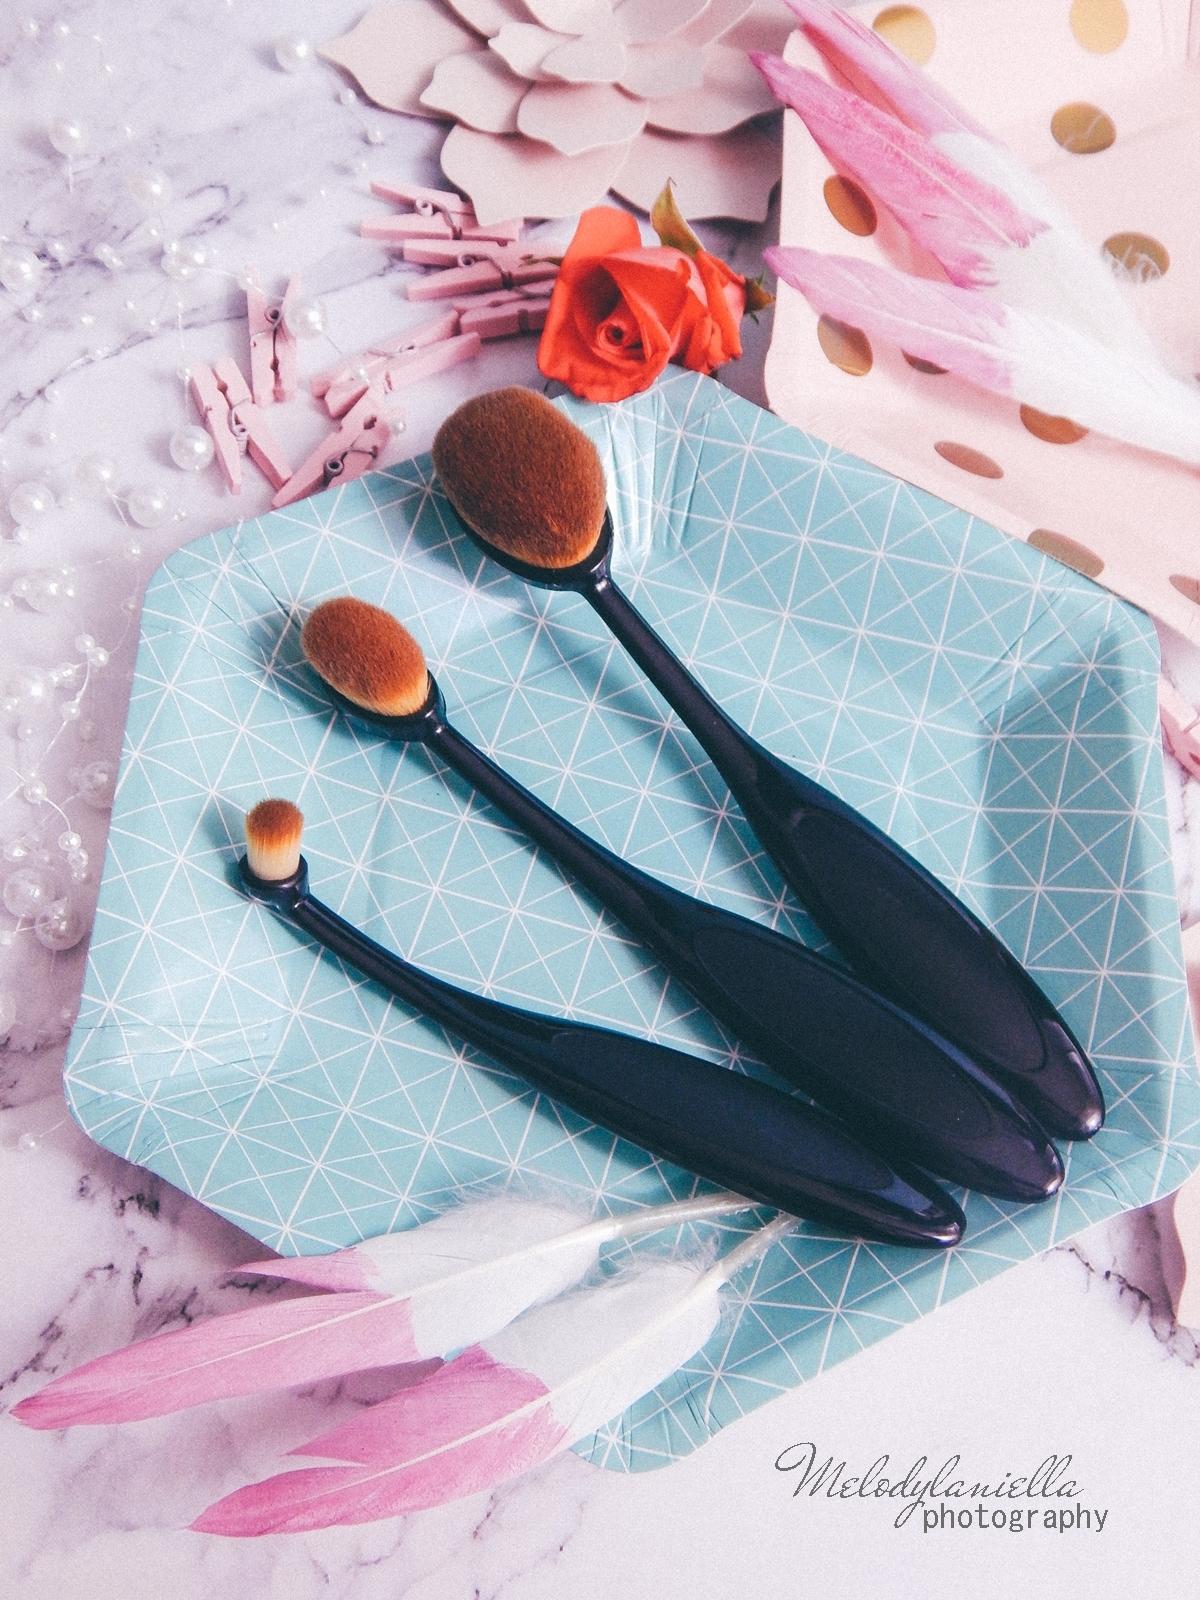 7 clavier gąbka do makijażu blending sponge szczoteczka do aplikacji cieni bazy korektora rozświetlacza bronzera silikonowa gąbeczka do makijażu czym się malować akcesoria kosmetyczne pędzle do makijażu gąbki